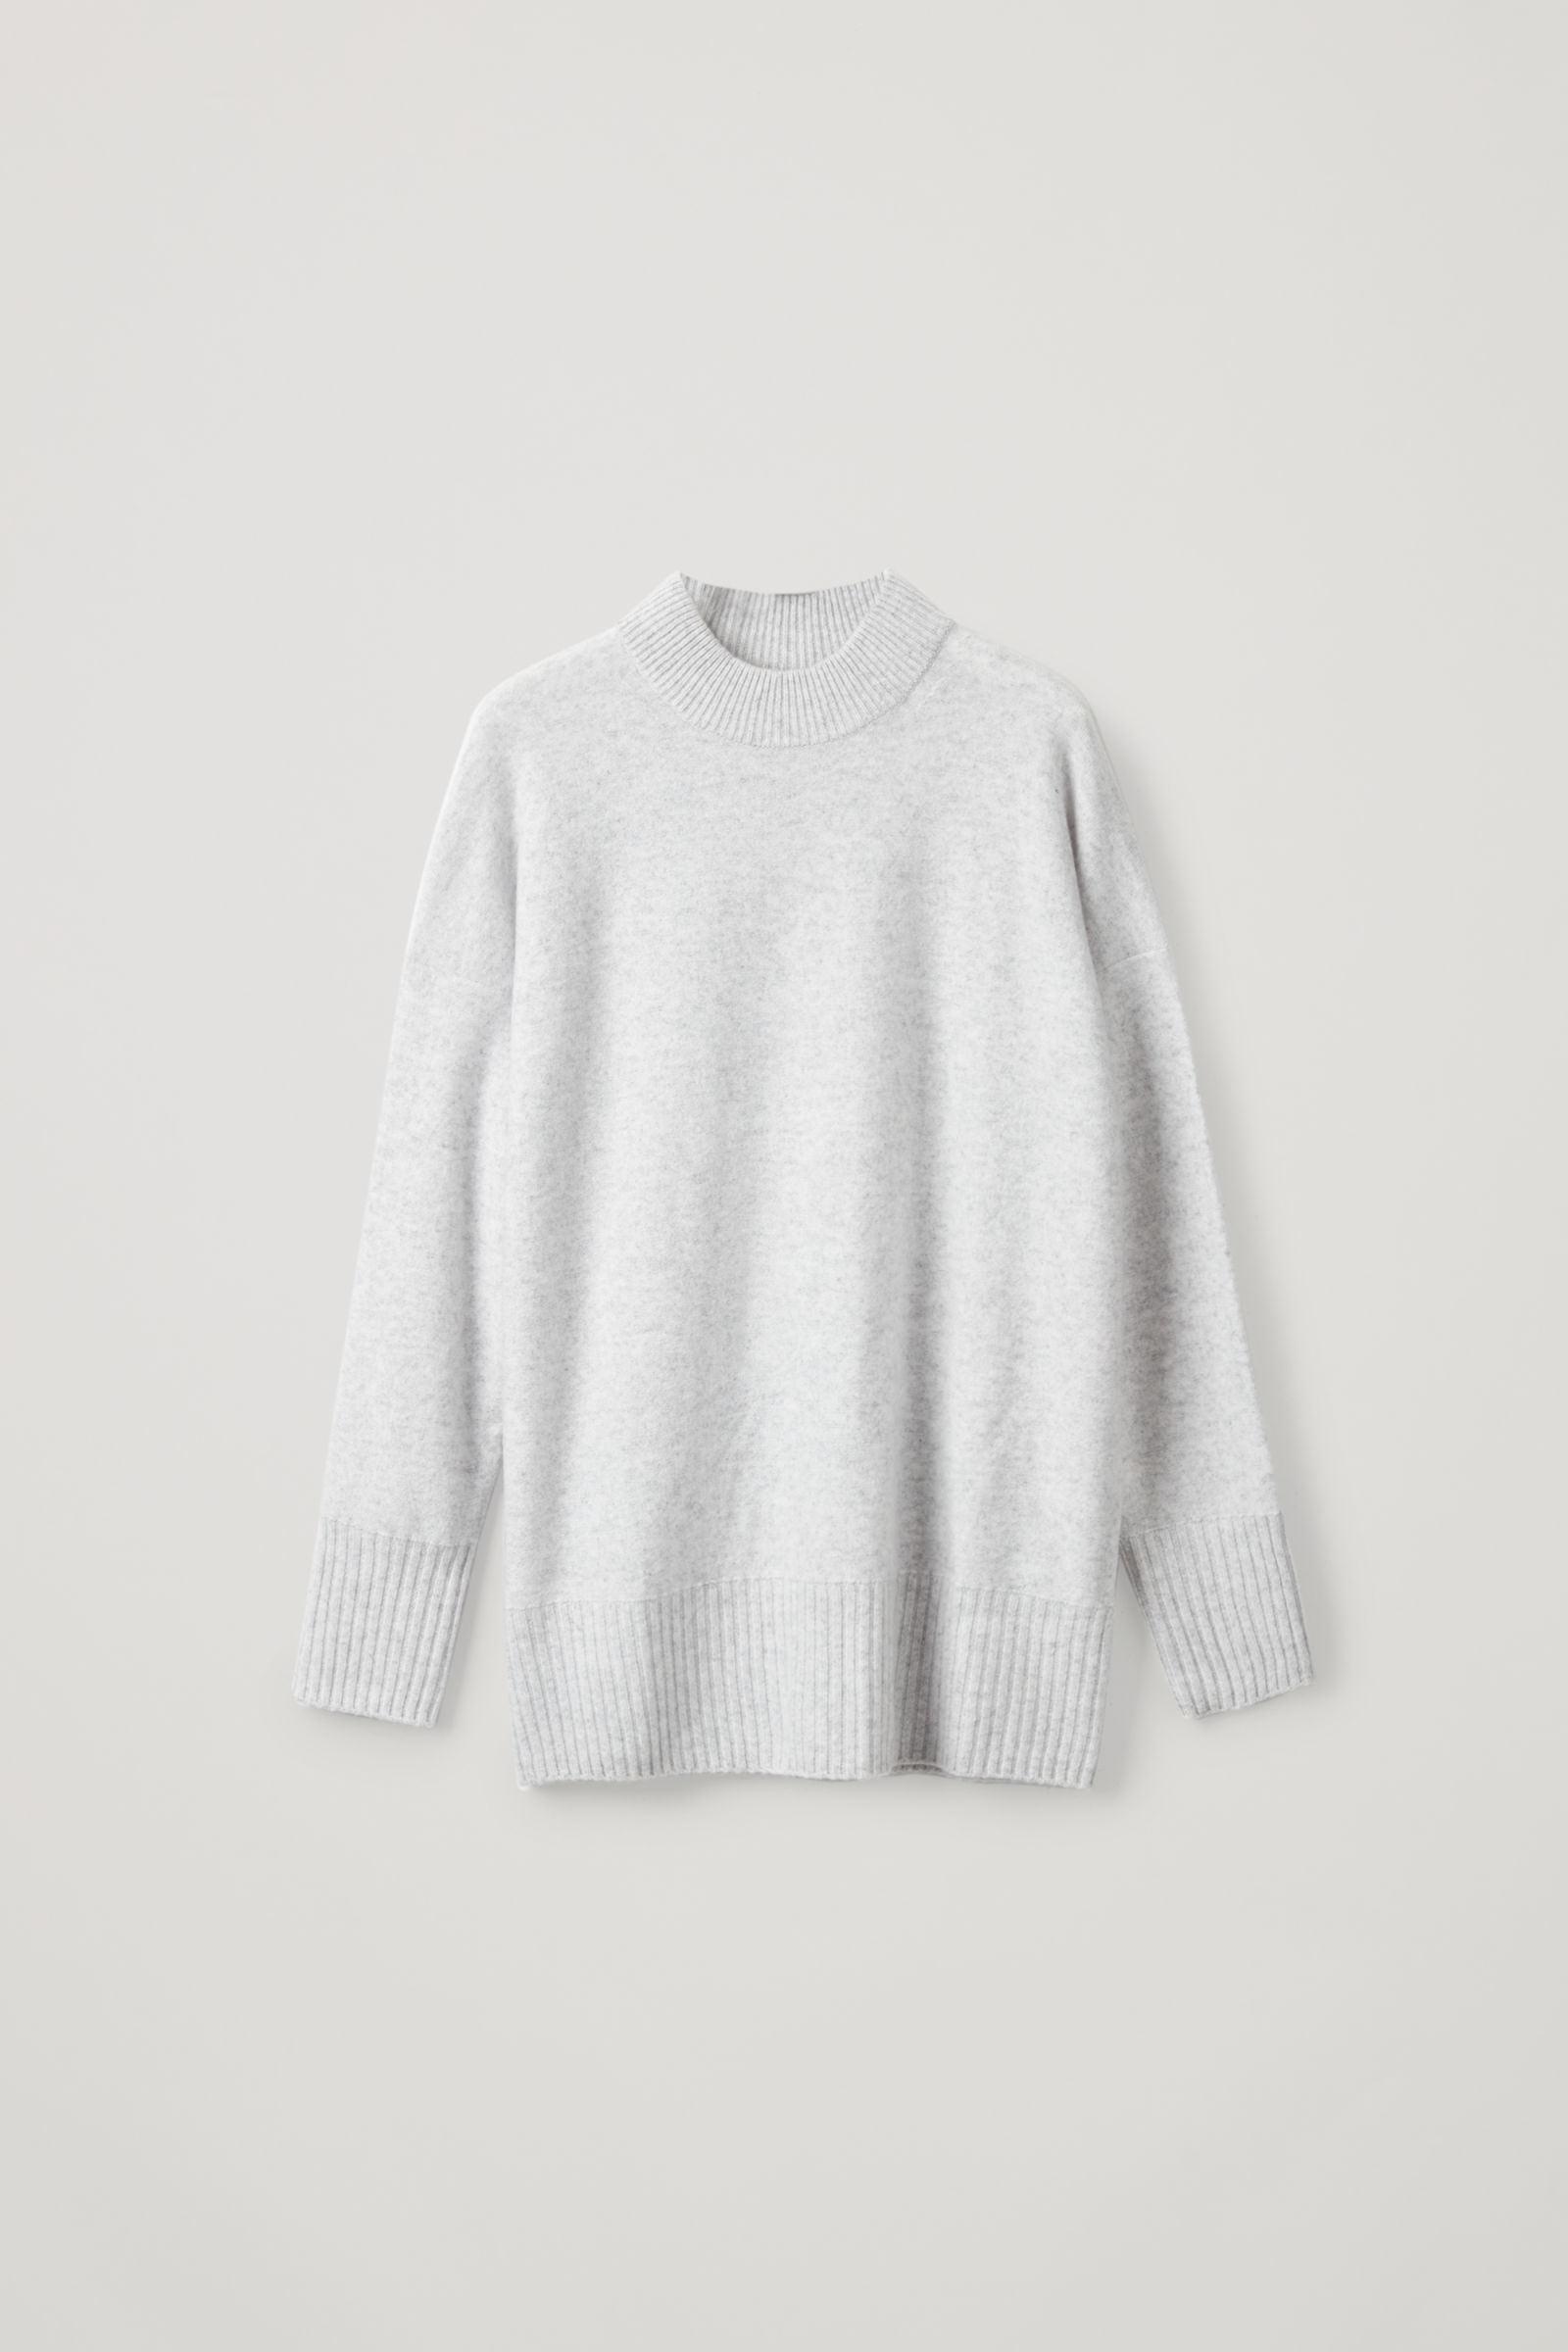 COS 청키 리브 캐시미어 스웨터의 그레이 멜란지컬러 Product입니다.